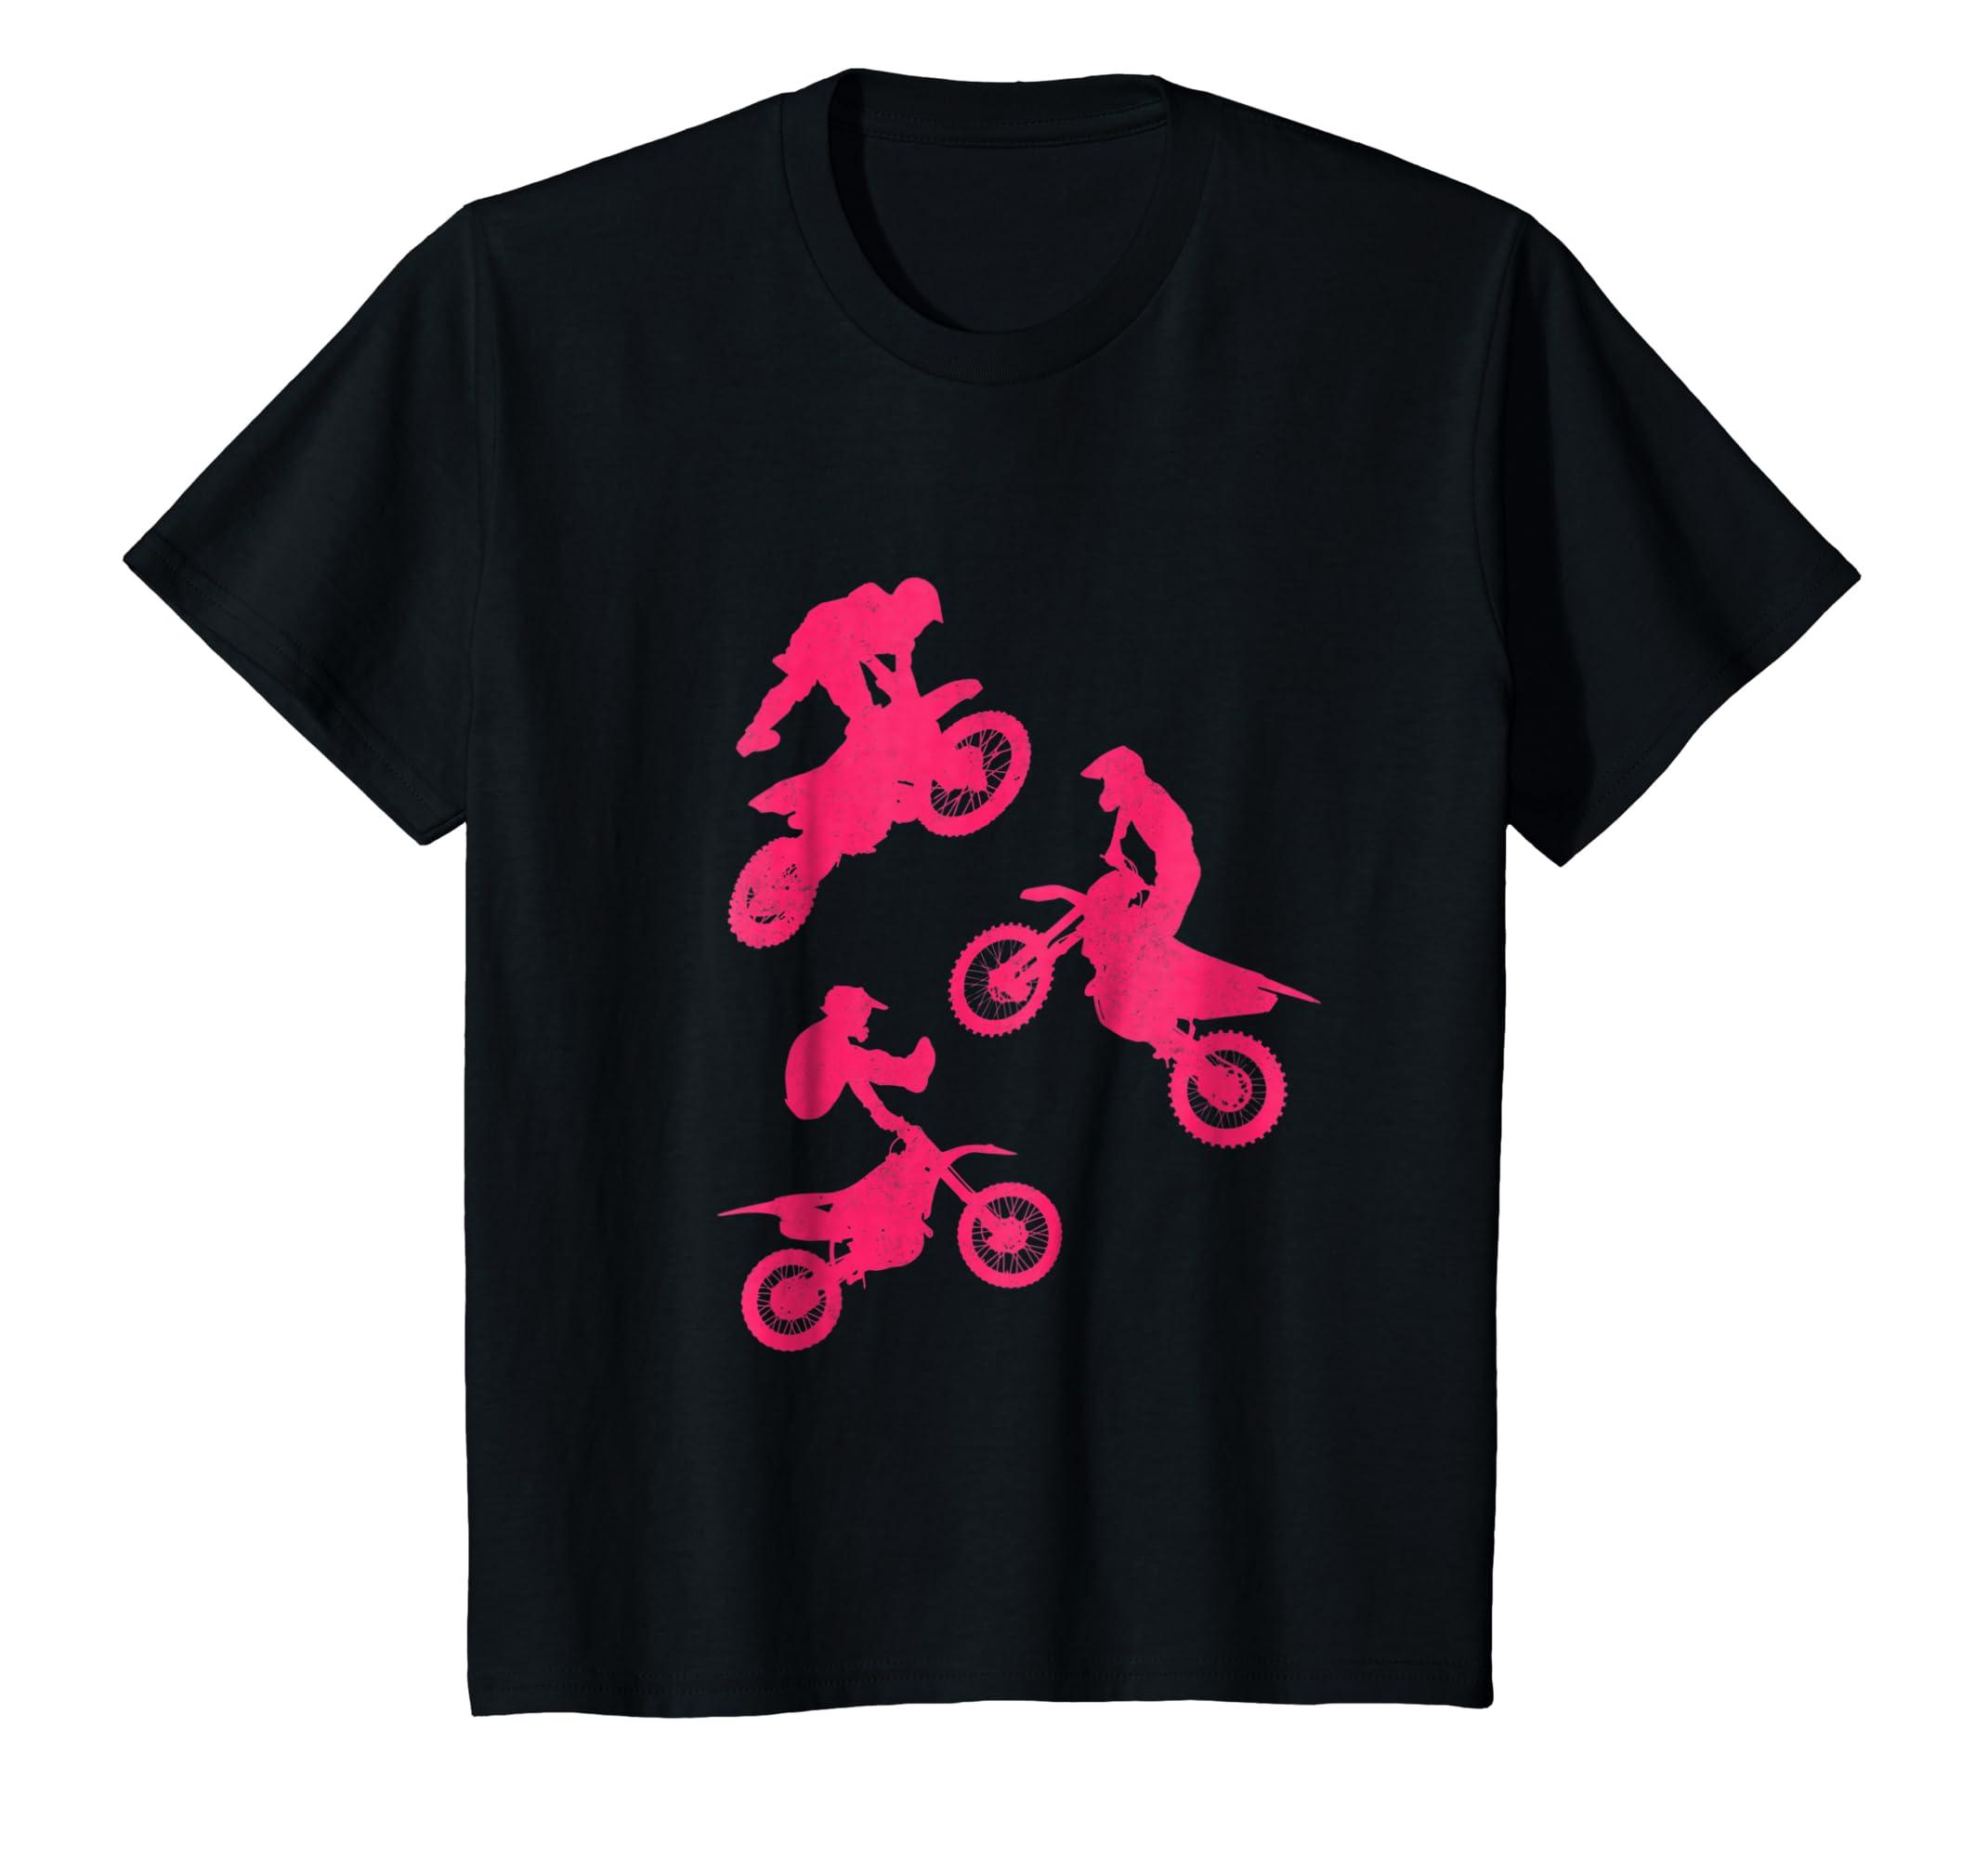 495e202ef Amazon.com  Kids Dirt Bike Shirt for Girls   Toddler Gift Motocross Pink   Clothing